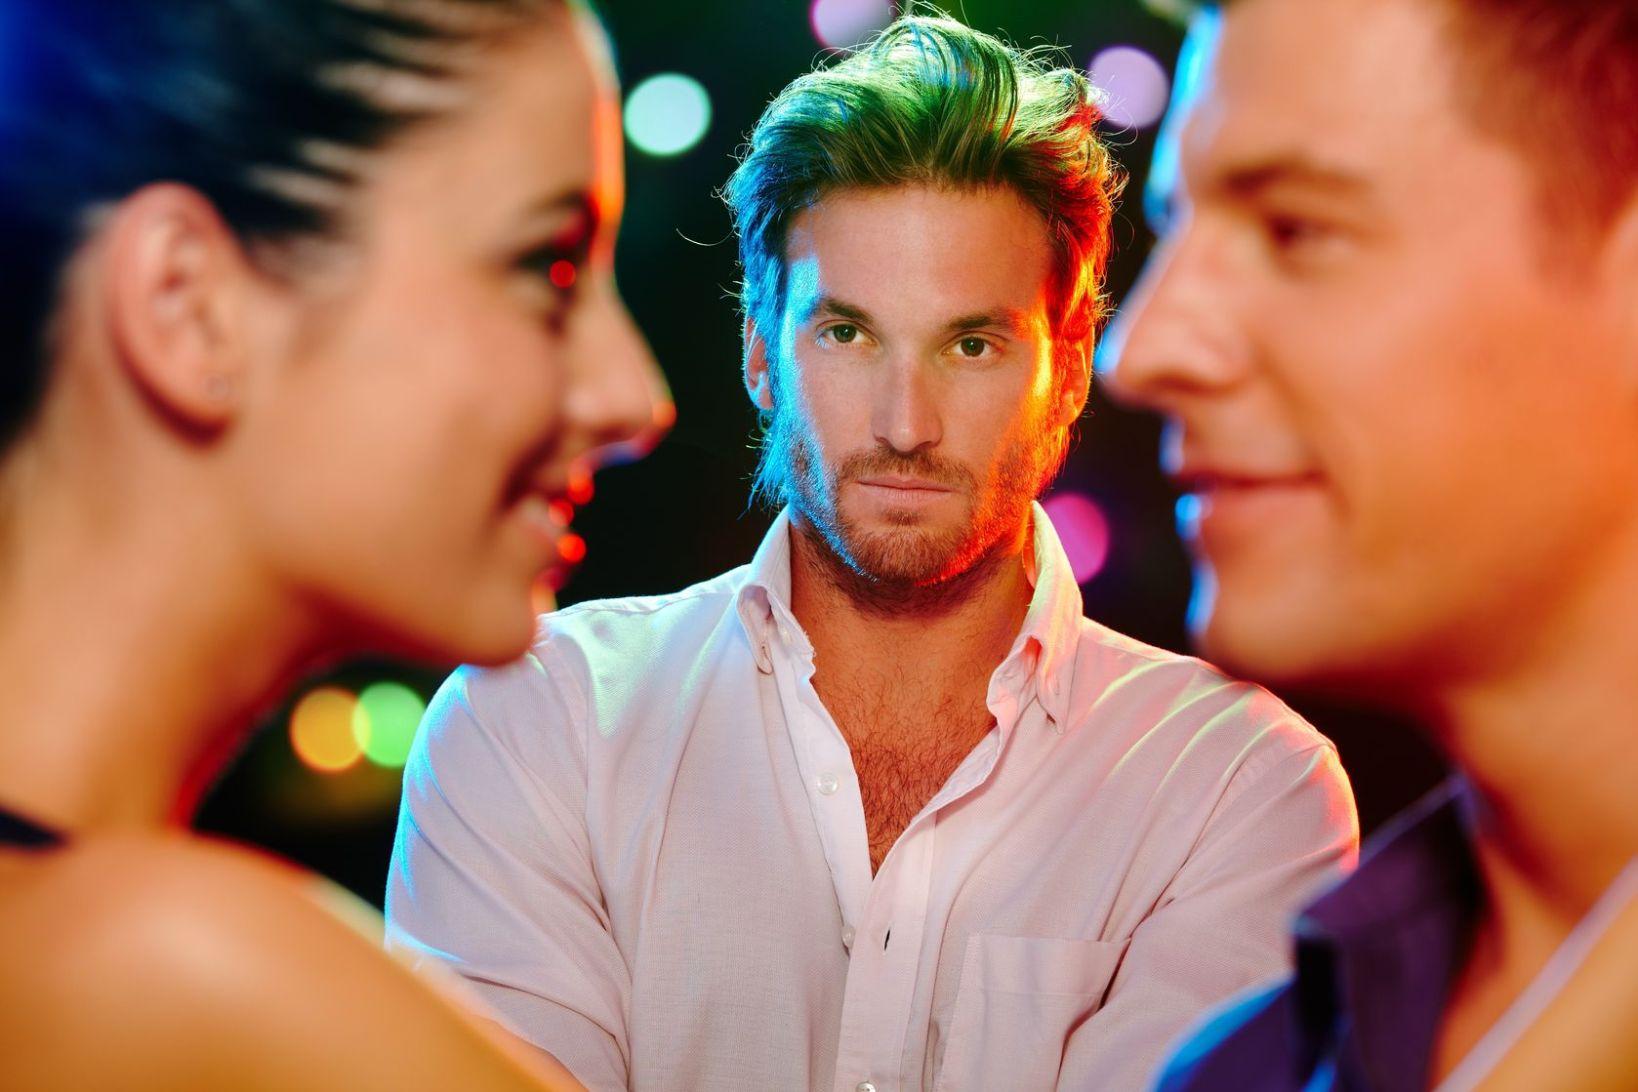 Как заставить мужчину ревновать: 12 эффективных способов+полезные советы